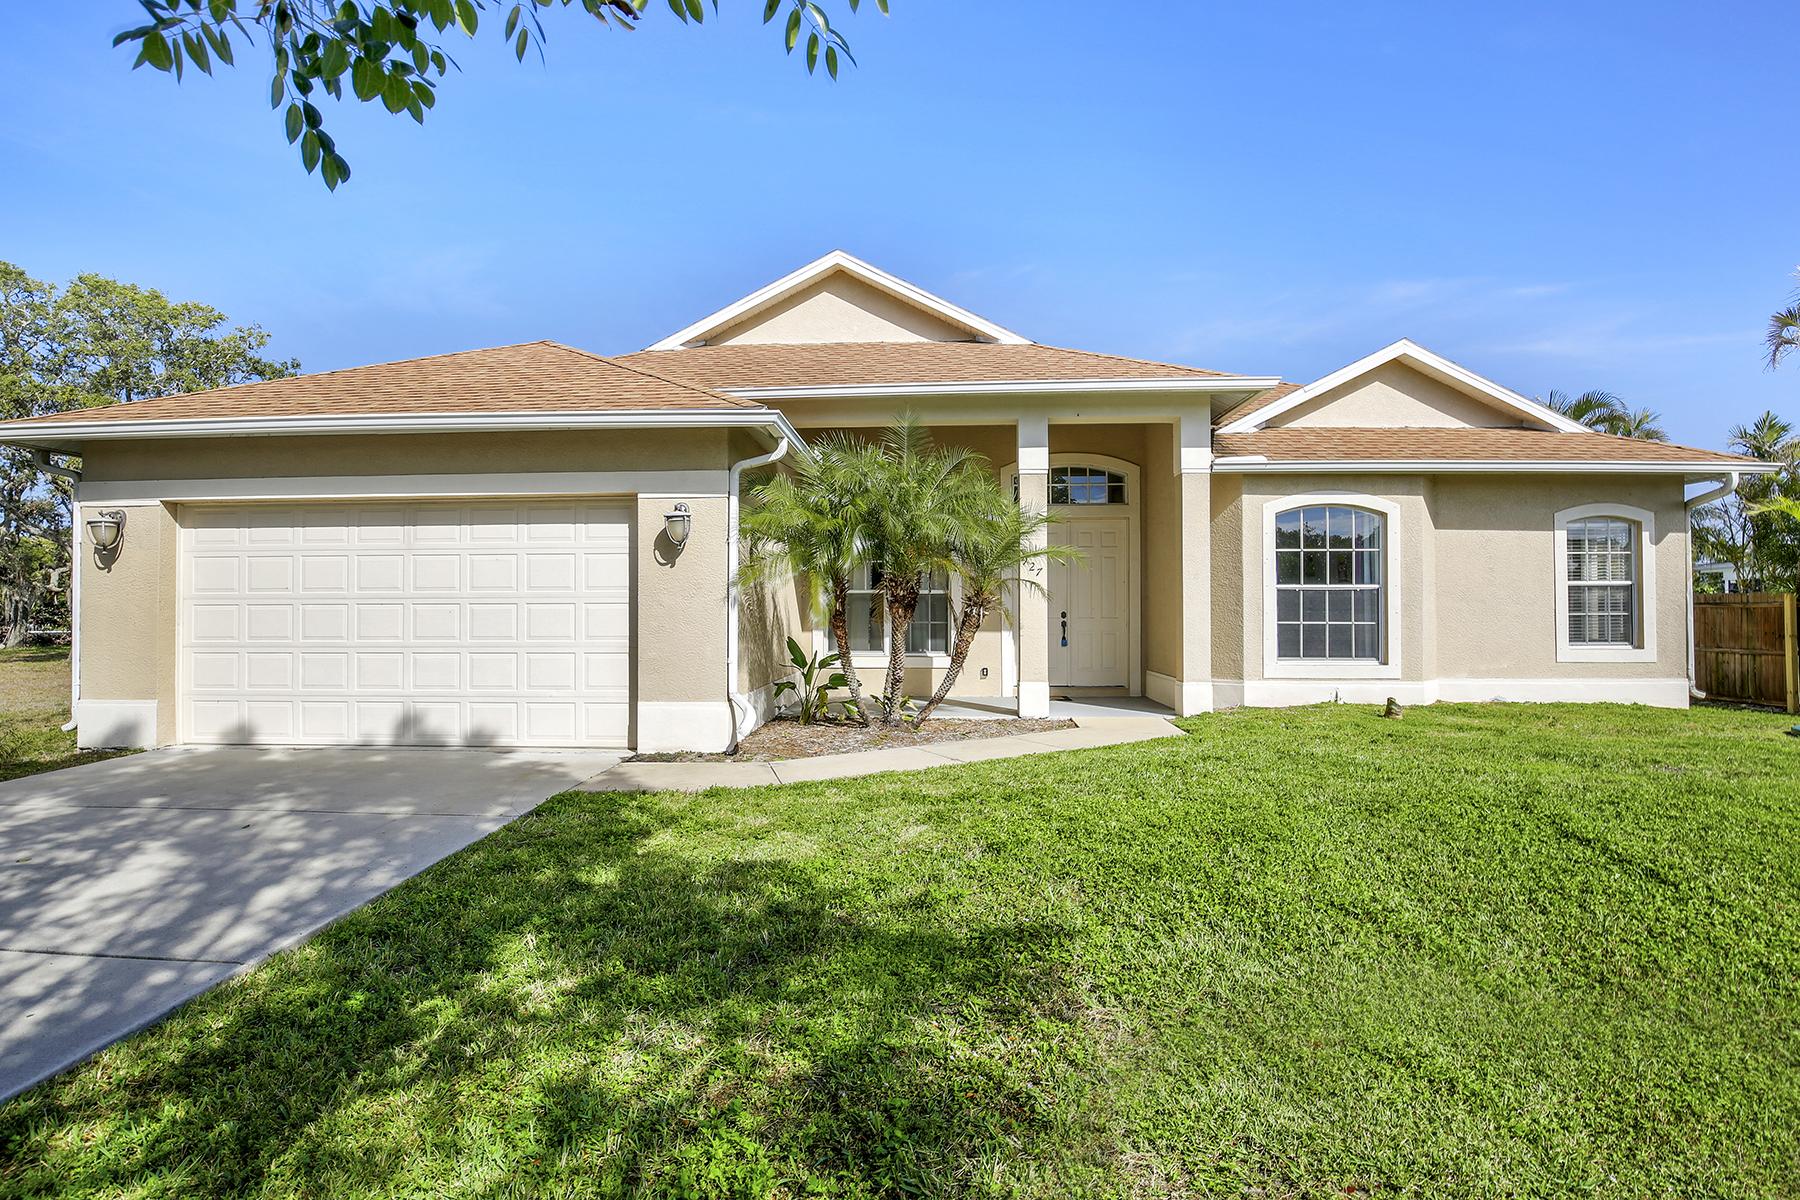 一戸建て のために 売買 アット ROSEMARY HEIGHTS - ROSEMARY HEIGHTS 927 Rosemary Ln, Naples, フロリダ, 34103 アメリカ合衆国